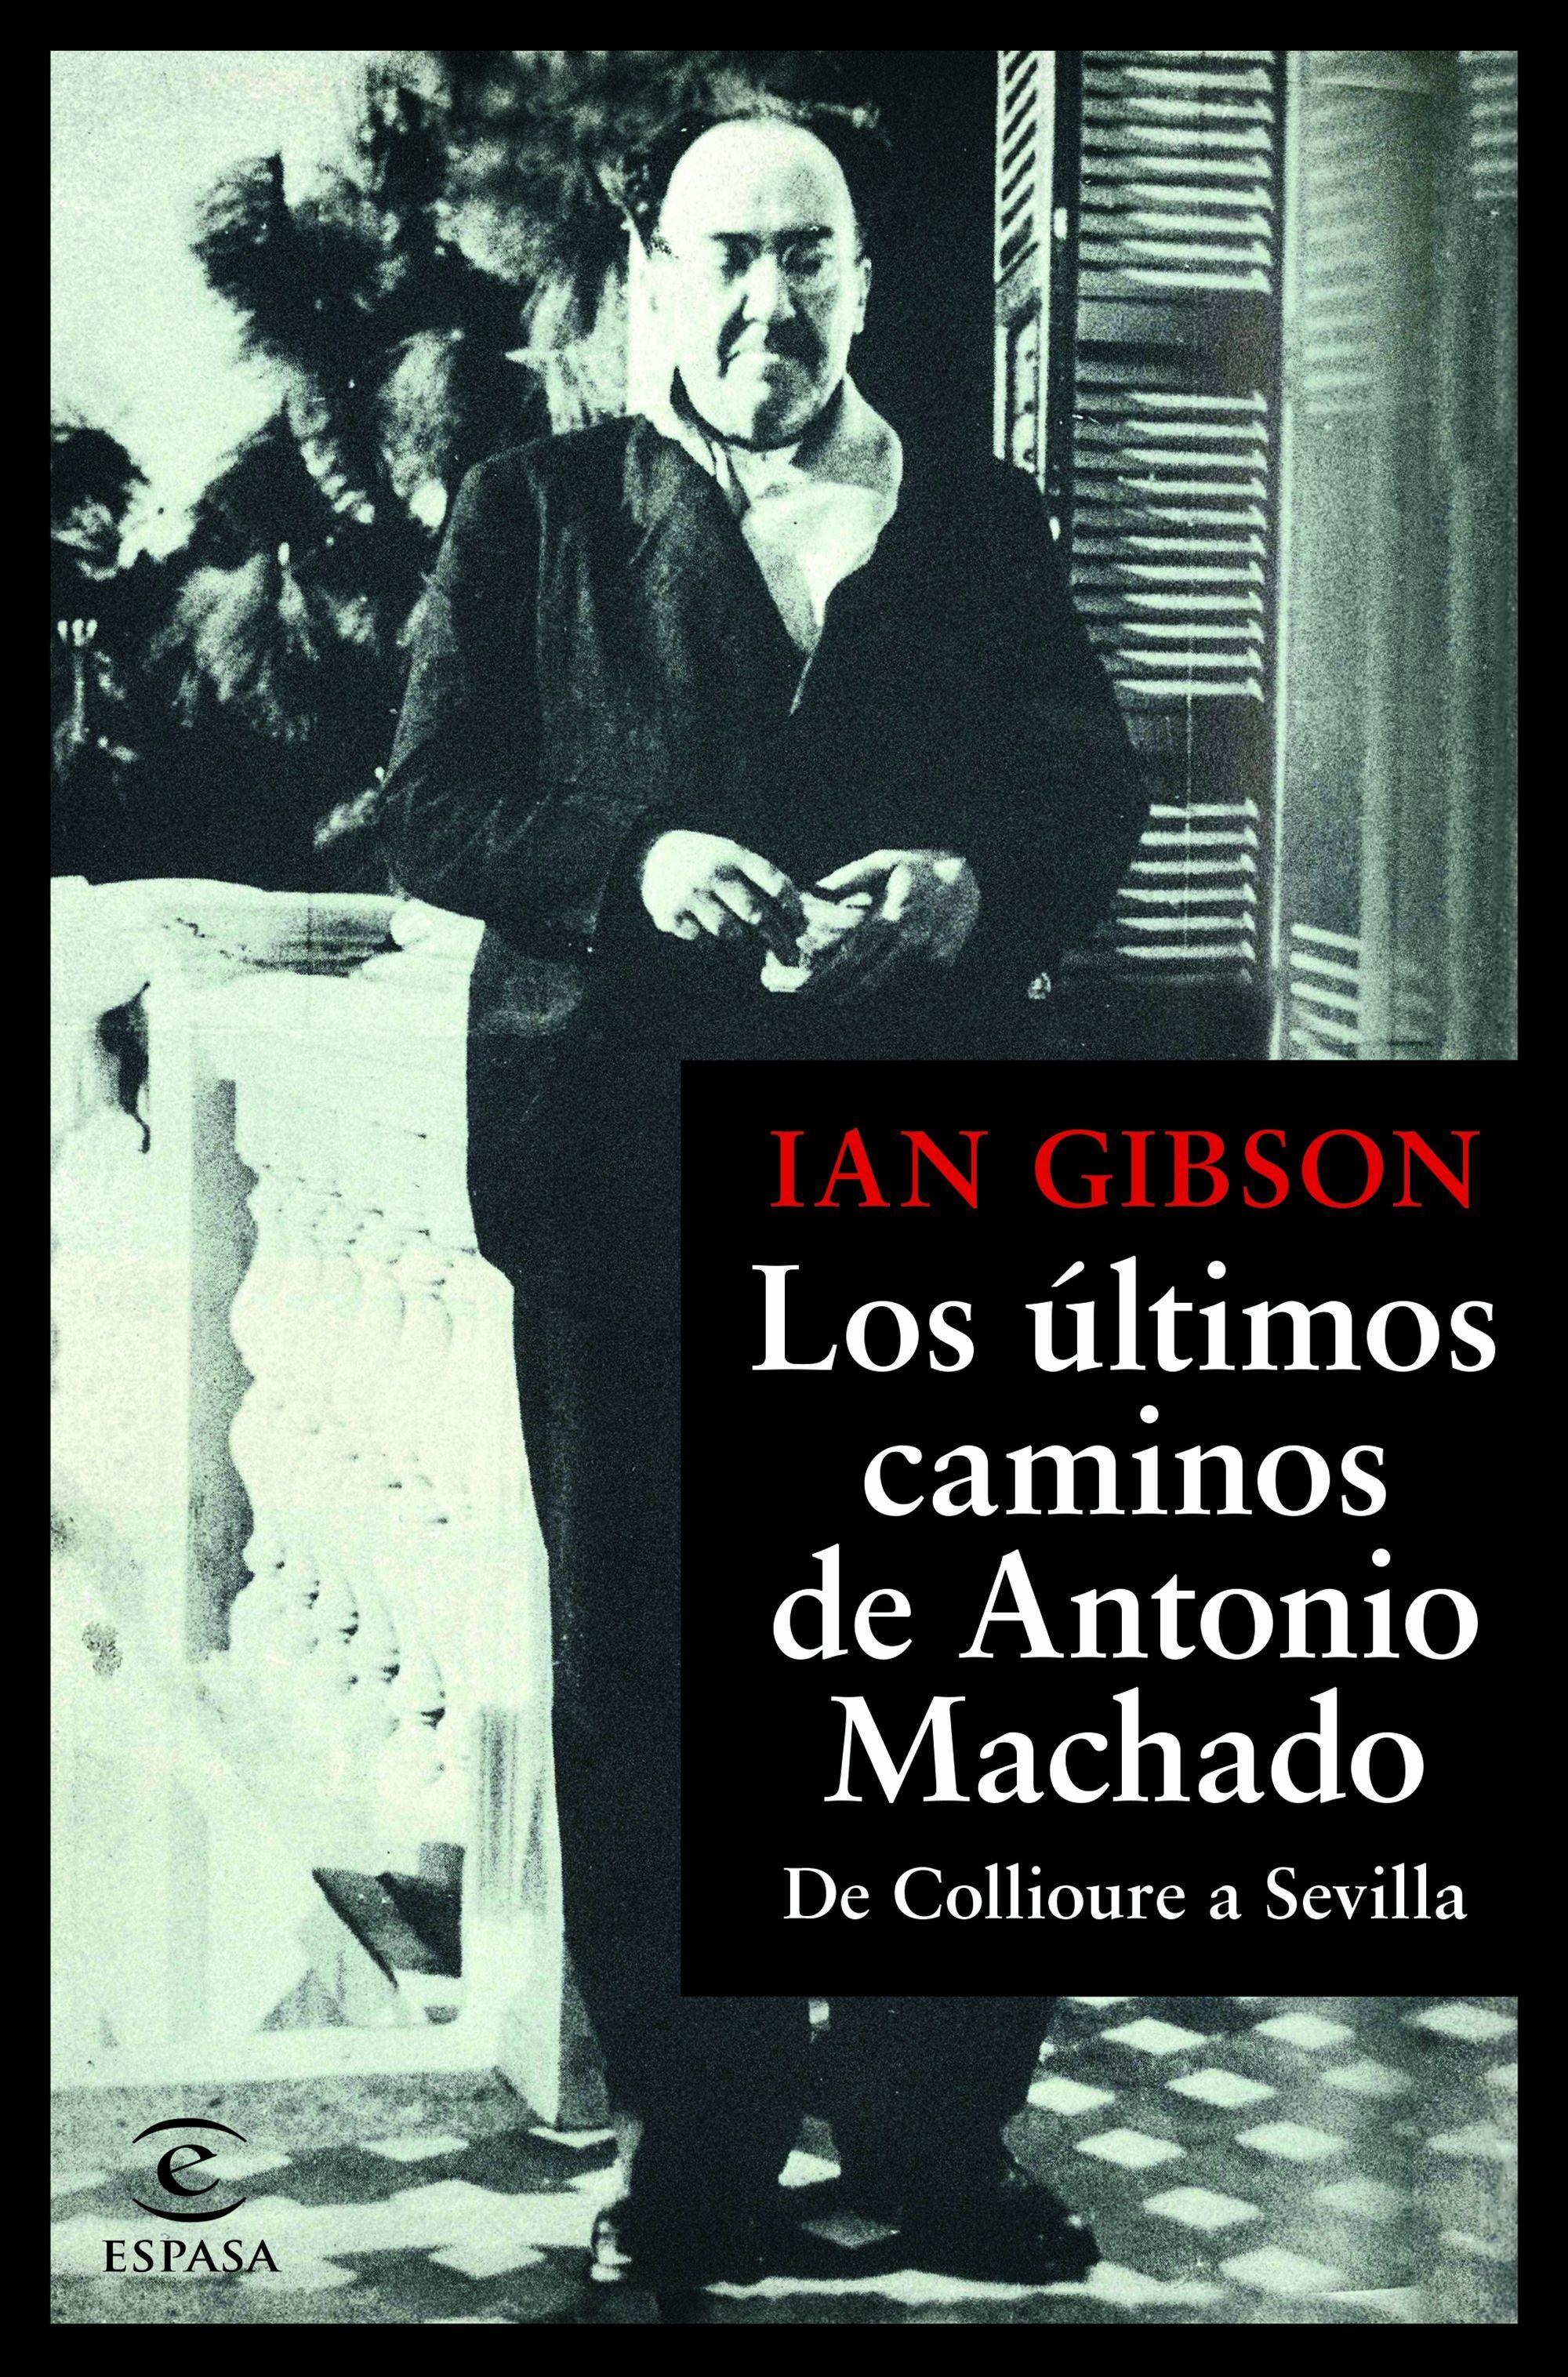 los ultimos caminos de antonio machado-ian gibson-9788467055108